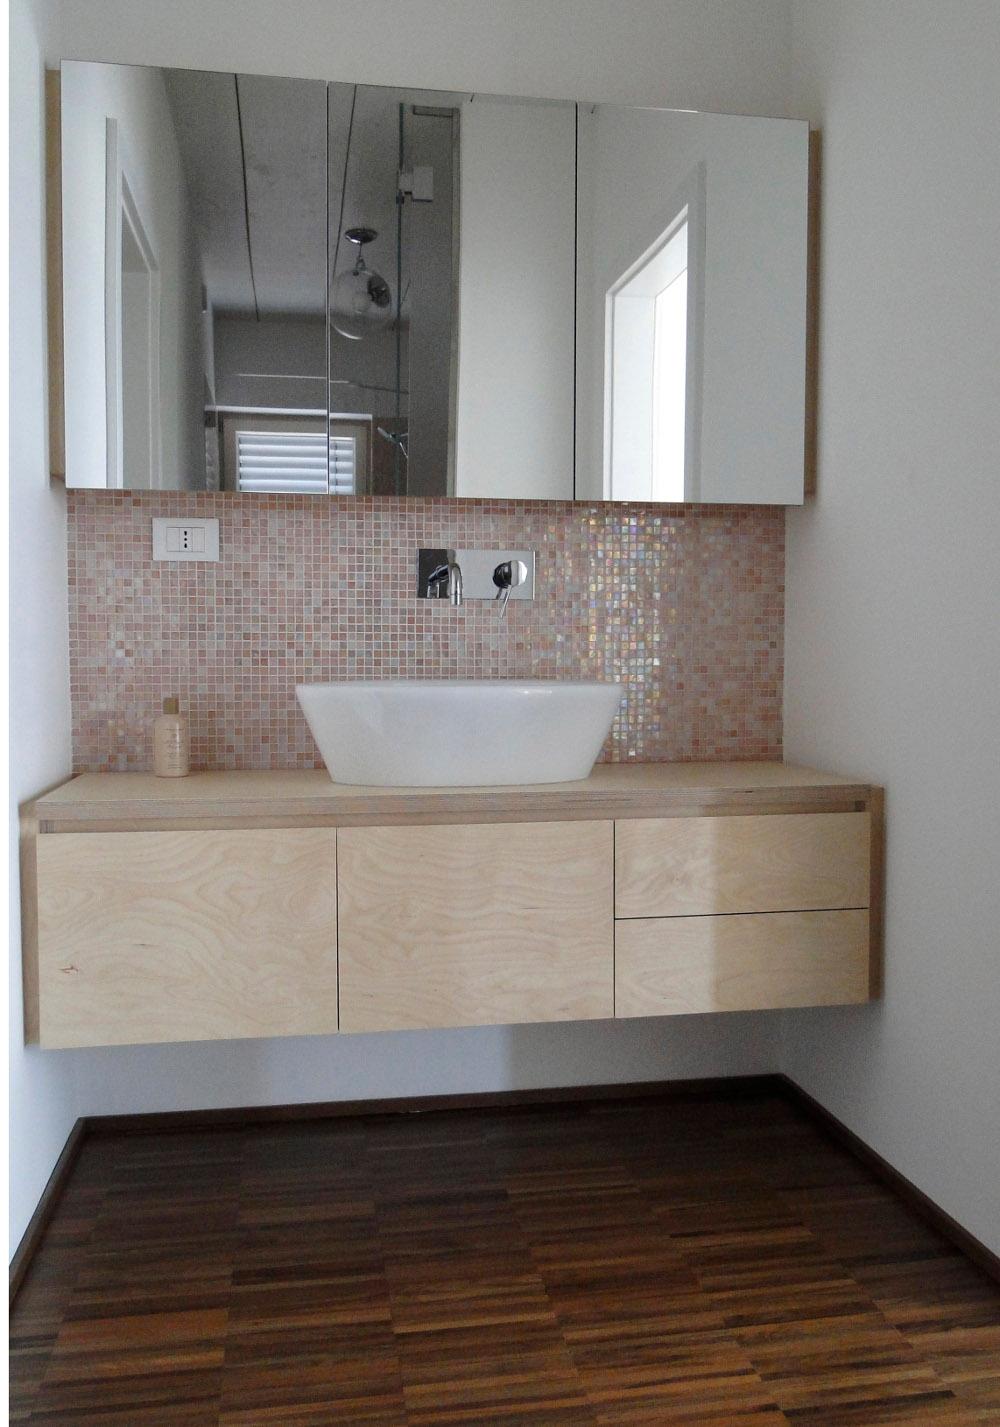 Ikea mobili bagno betulla design casa creativa e mobili - Mobili per bagno ikea ...